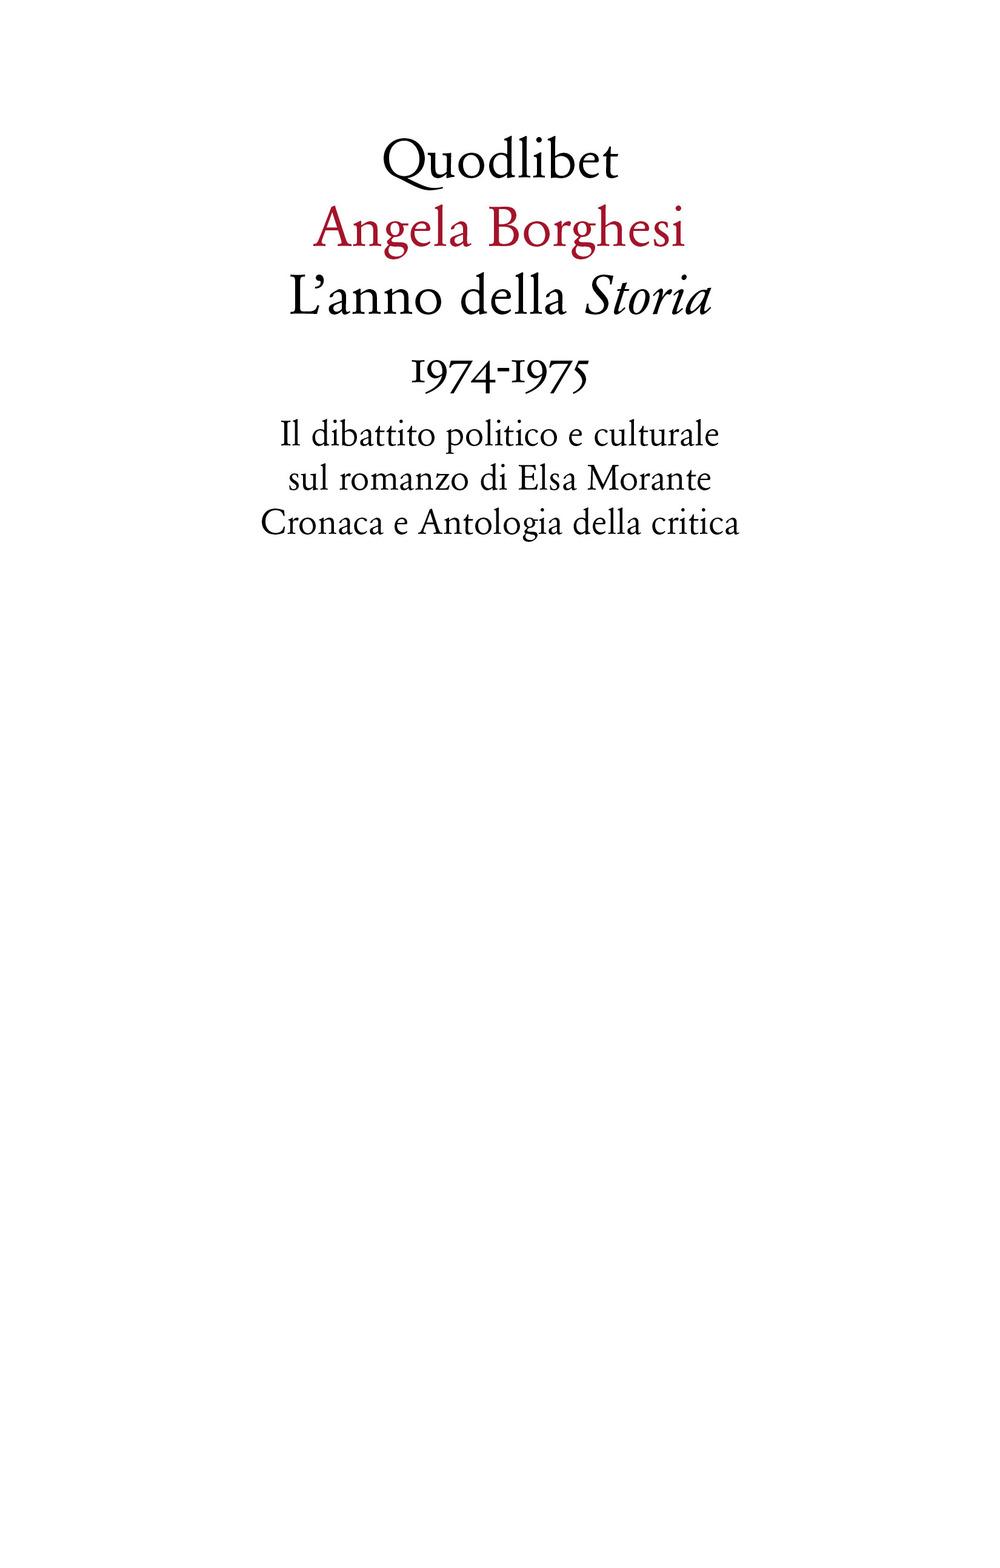 Image of L' anno della «Storia» 1974-1975. Il dibattito politico e culturale sul romanzo di Elsa Morante. Cronaca e antologia della critica